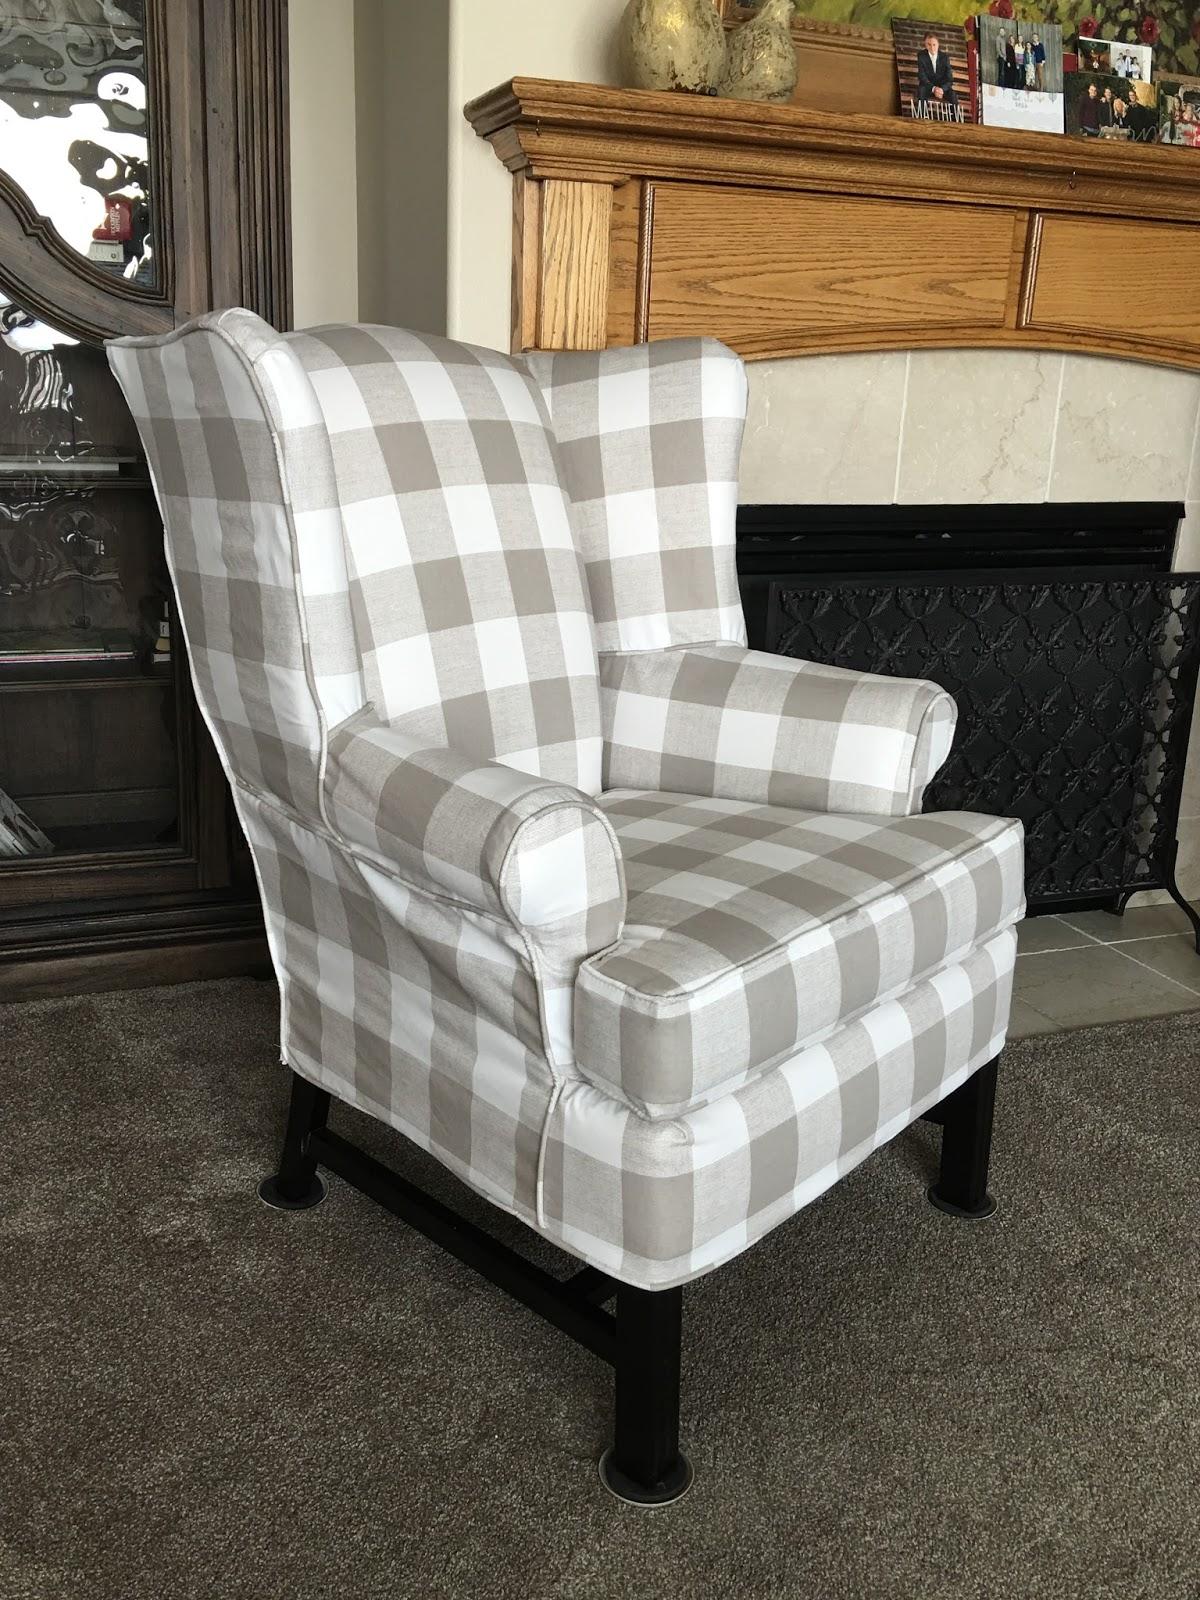 Buffalo Plaid Chair Velvet Bedroom Uk The Sewing Nerd Slipcovers